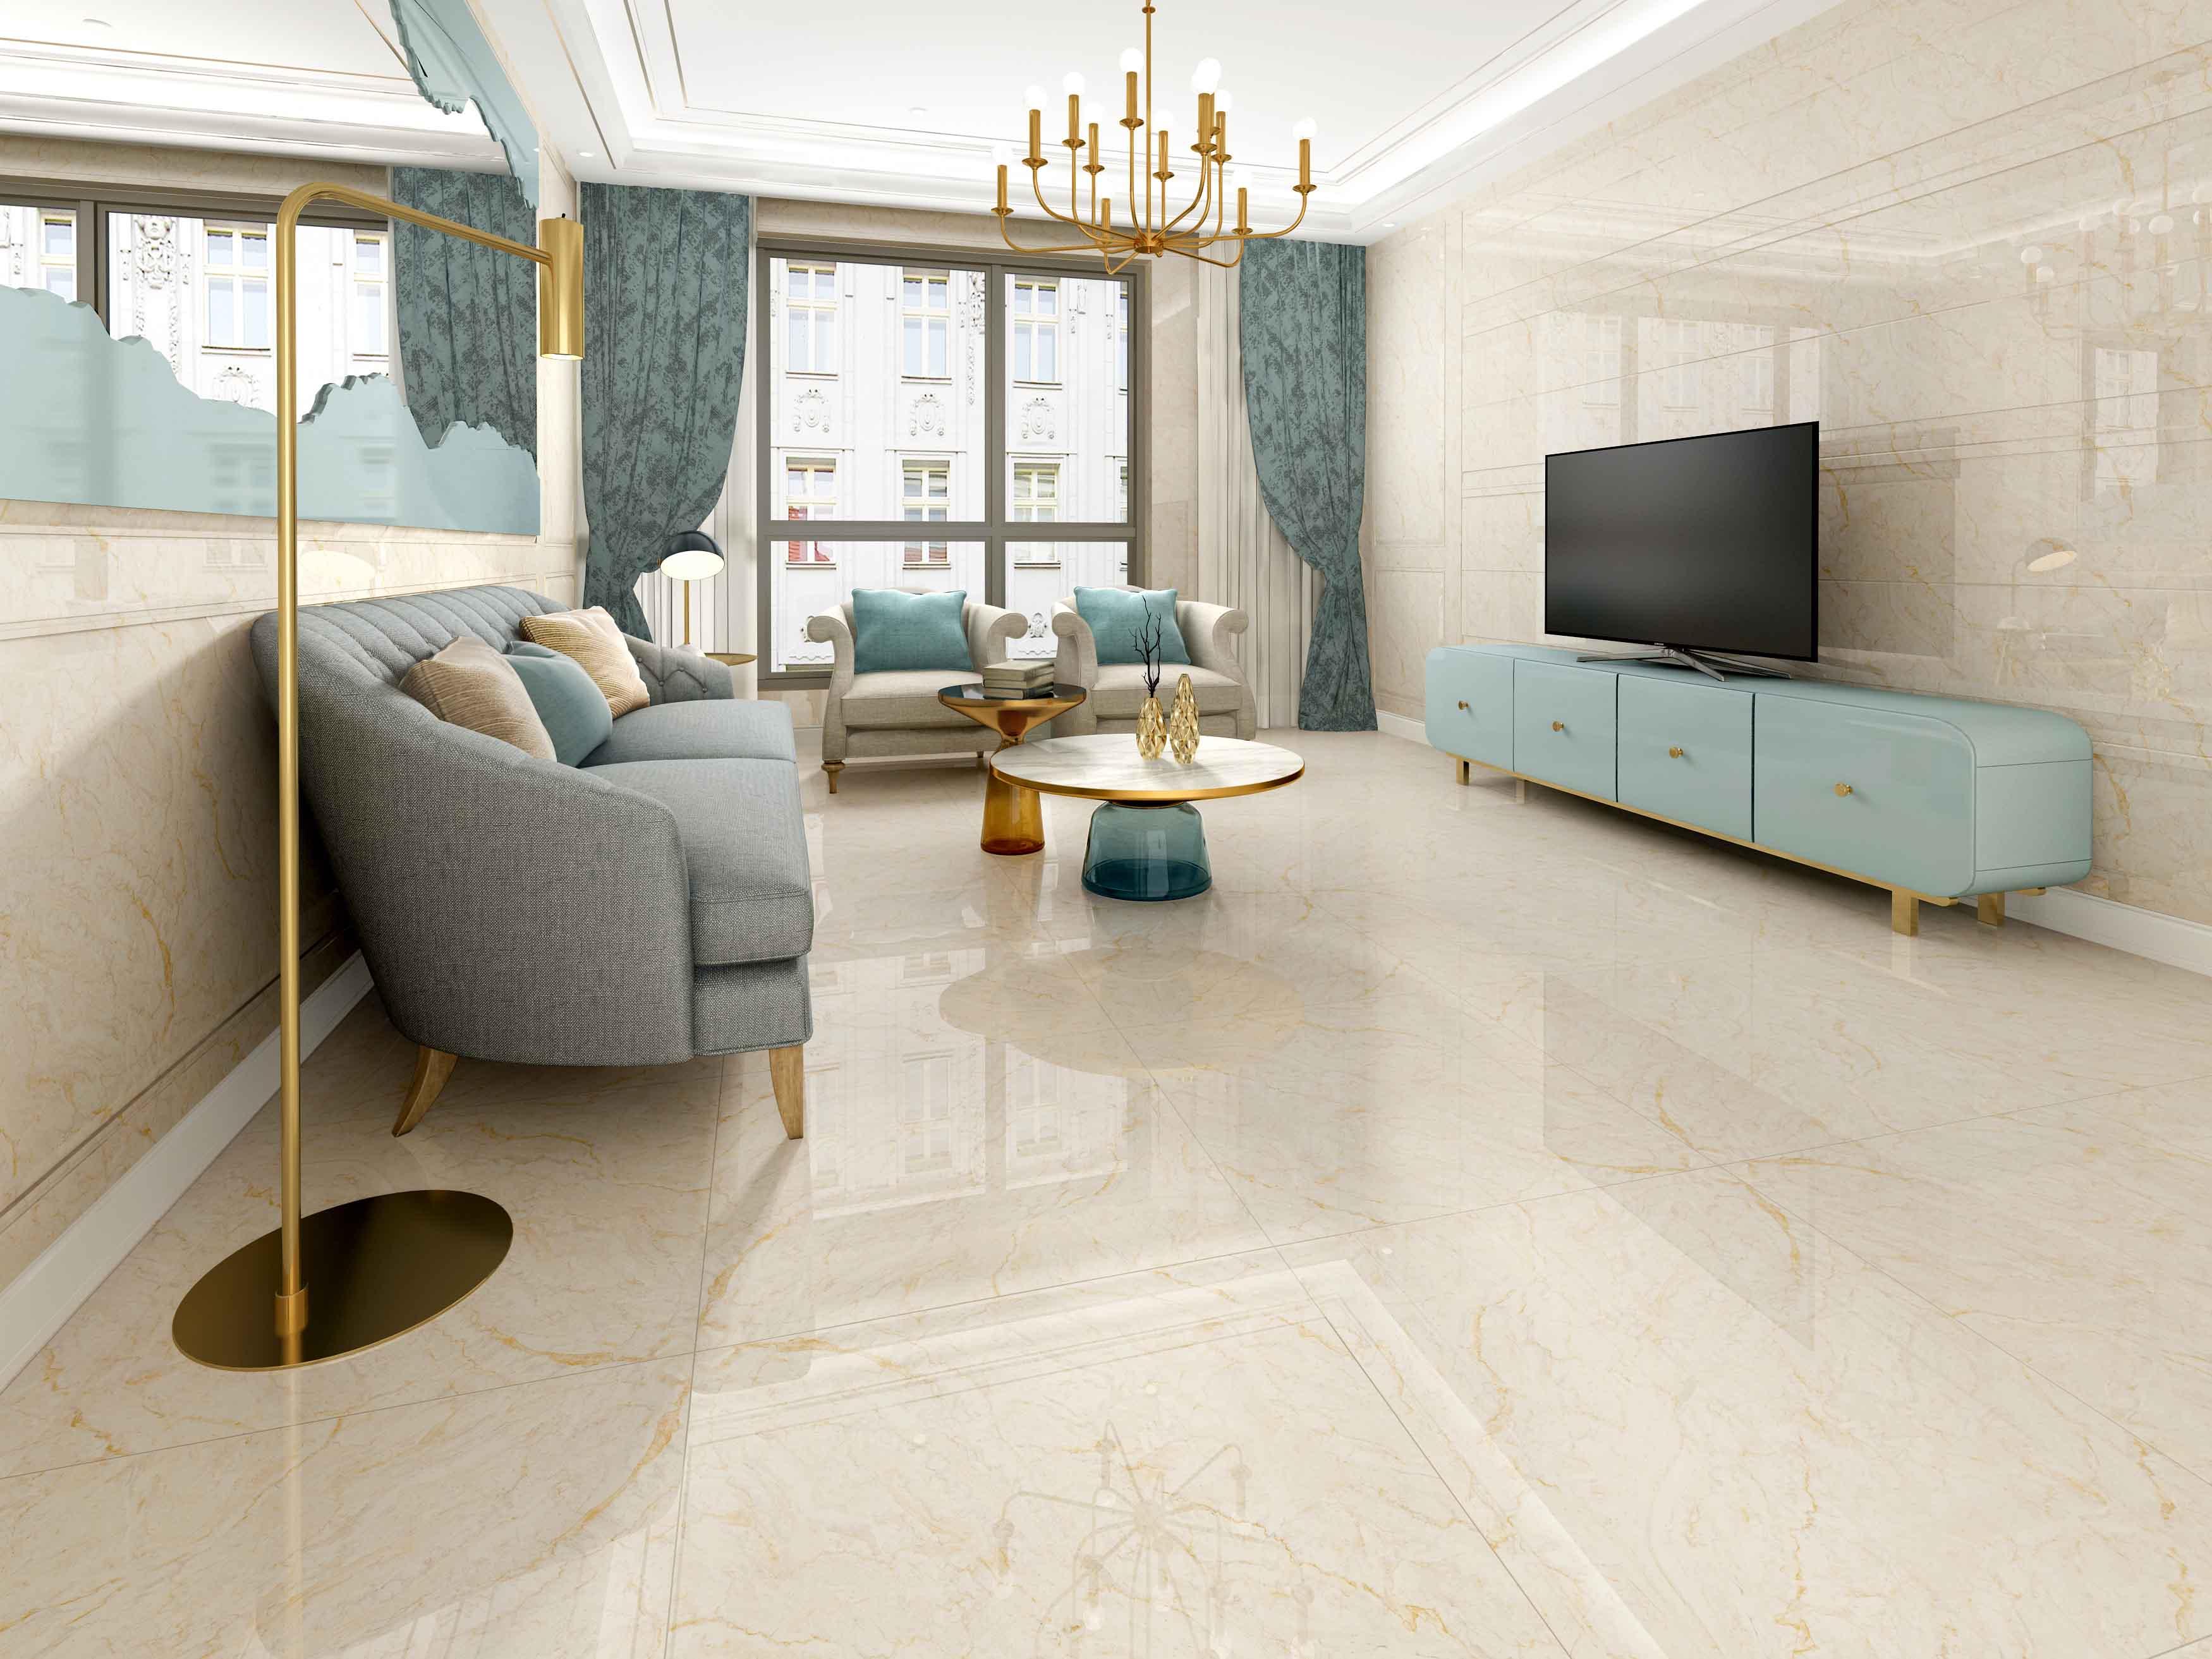 金曼古新品通体大理石瓷砖800*800防滑耐磨客厅地砖